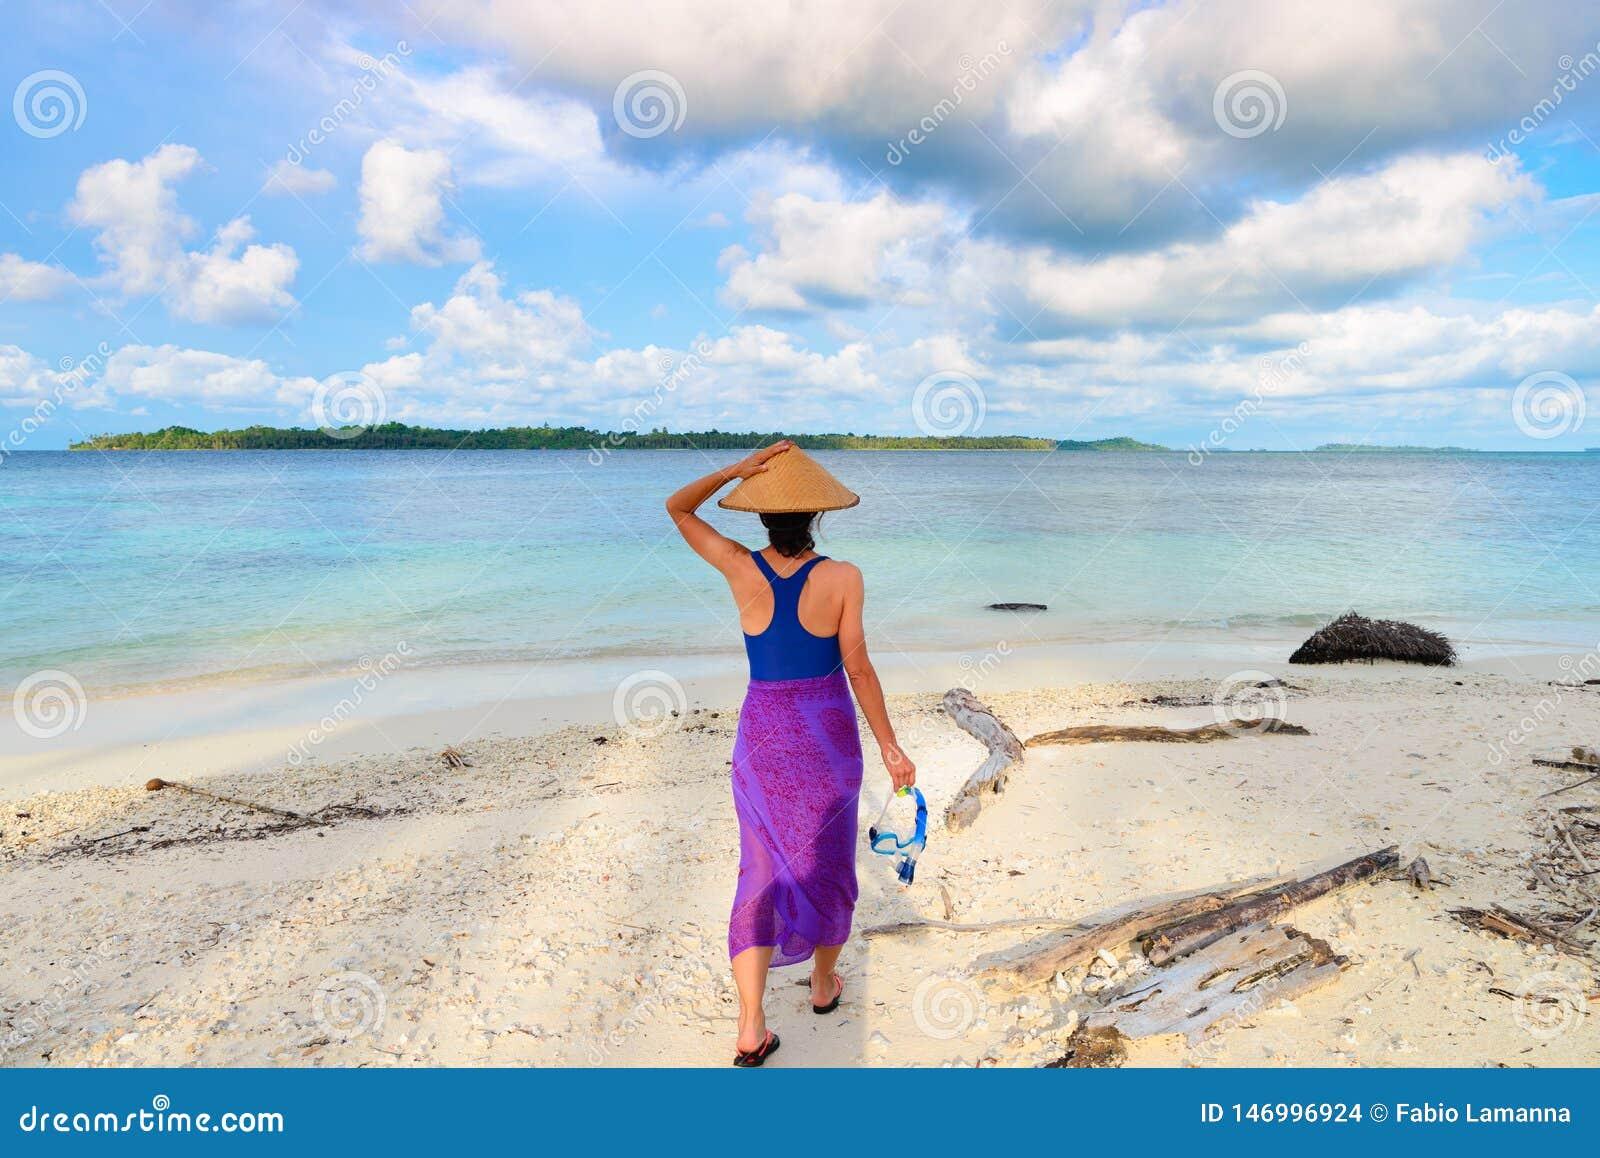 Διαθέσιμο περπάτημα μασκών κολύμβησης με αναπνευστήρα εκμετάλλευσης γυναικών στην τροπική παραλία Οπισθοσκόπος, παραδοσιακός δραμ